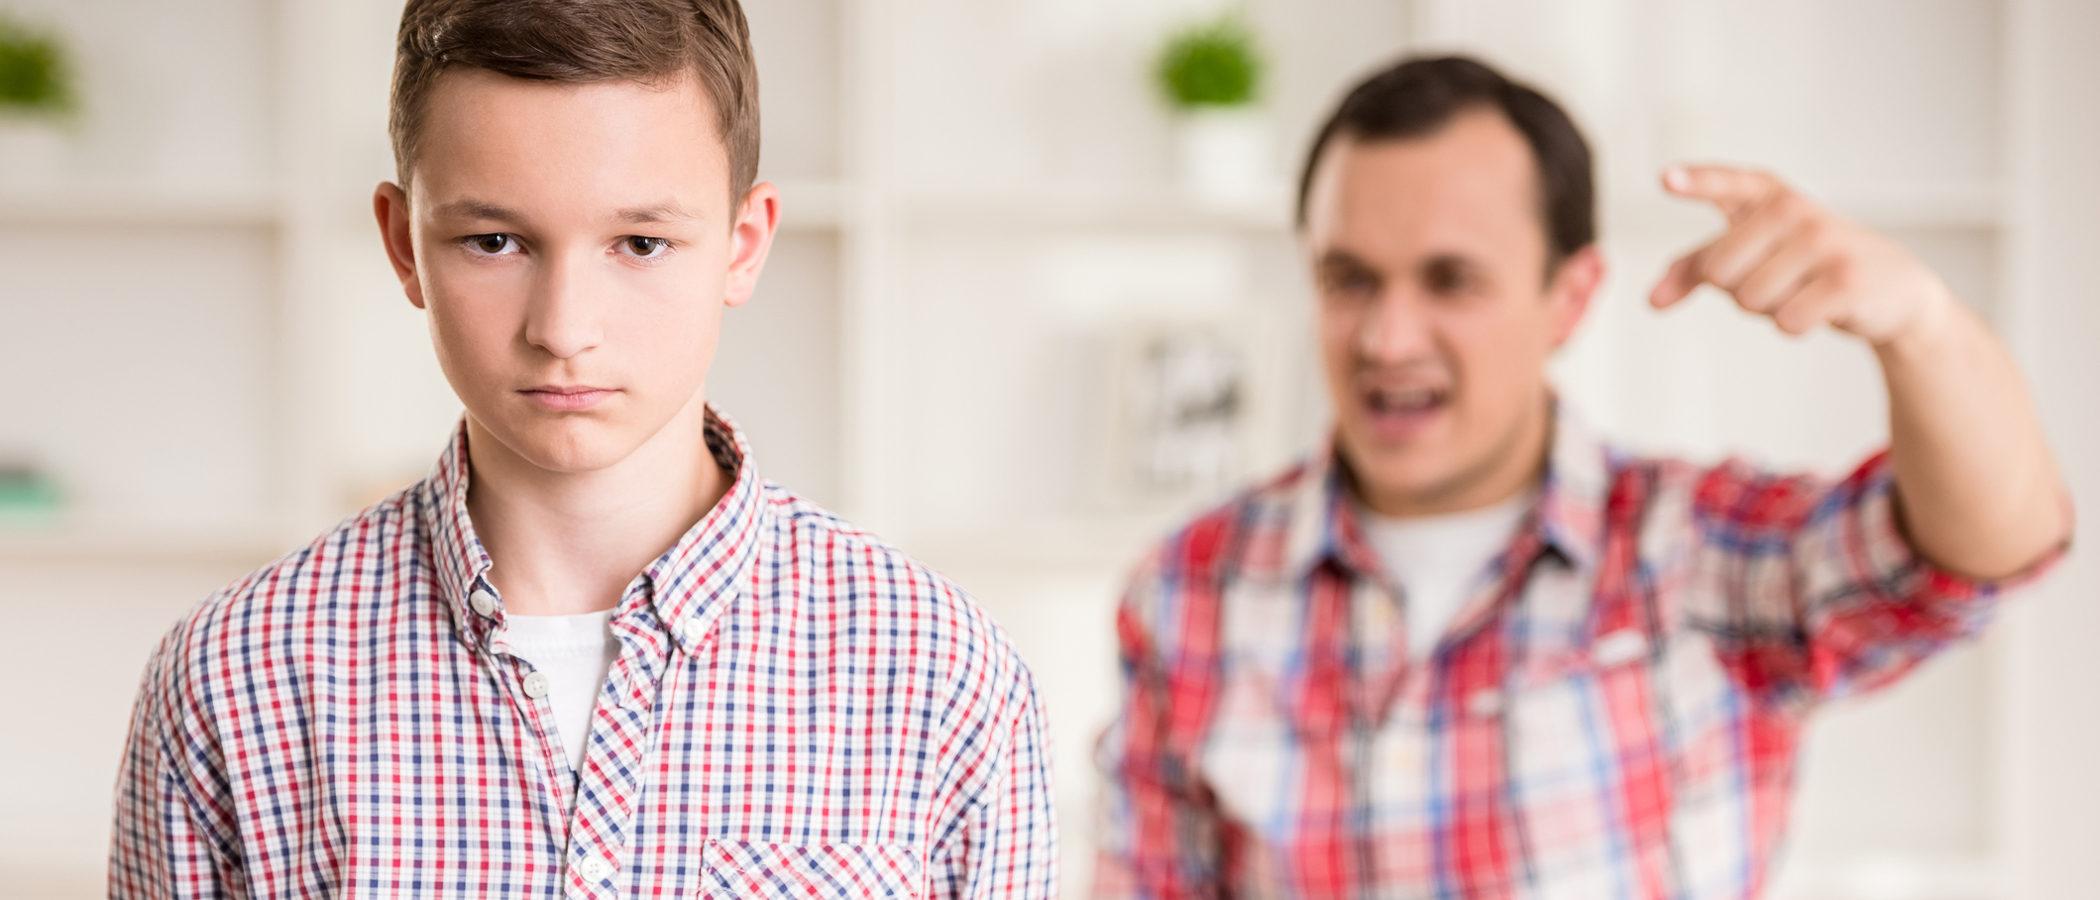 6 razones por las que no debes criticar a tus hijos